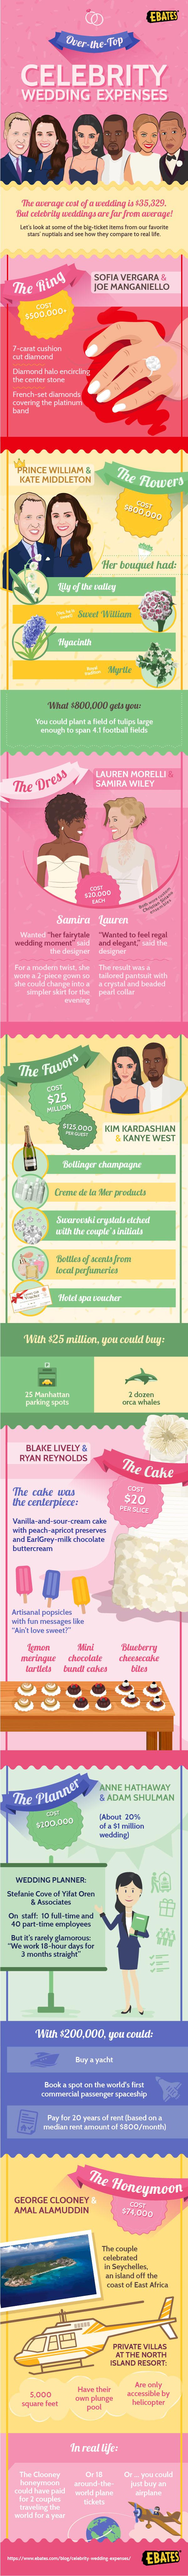 Celebrity Wedding Expenses